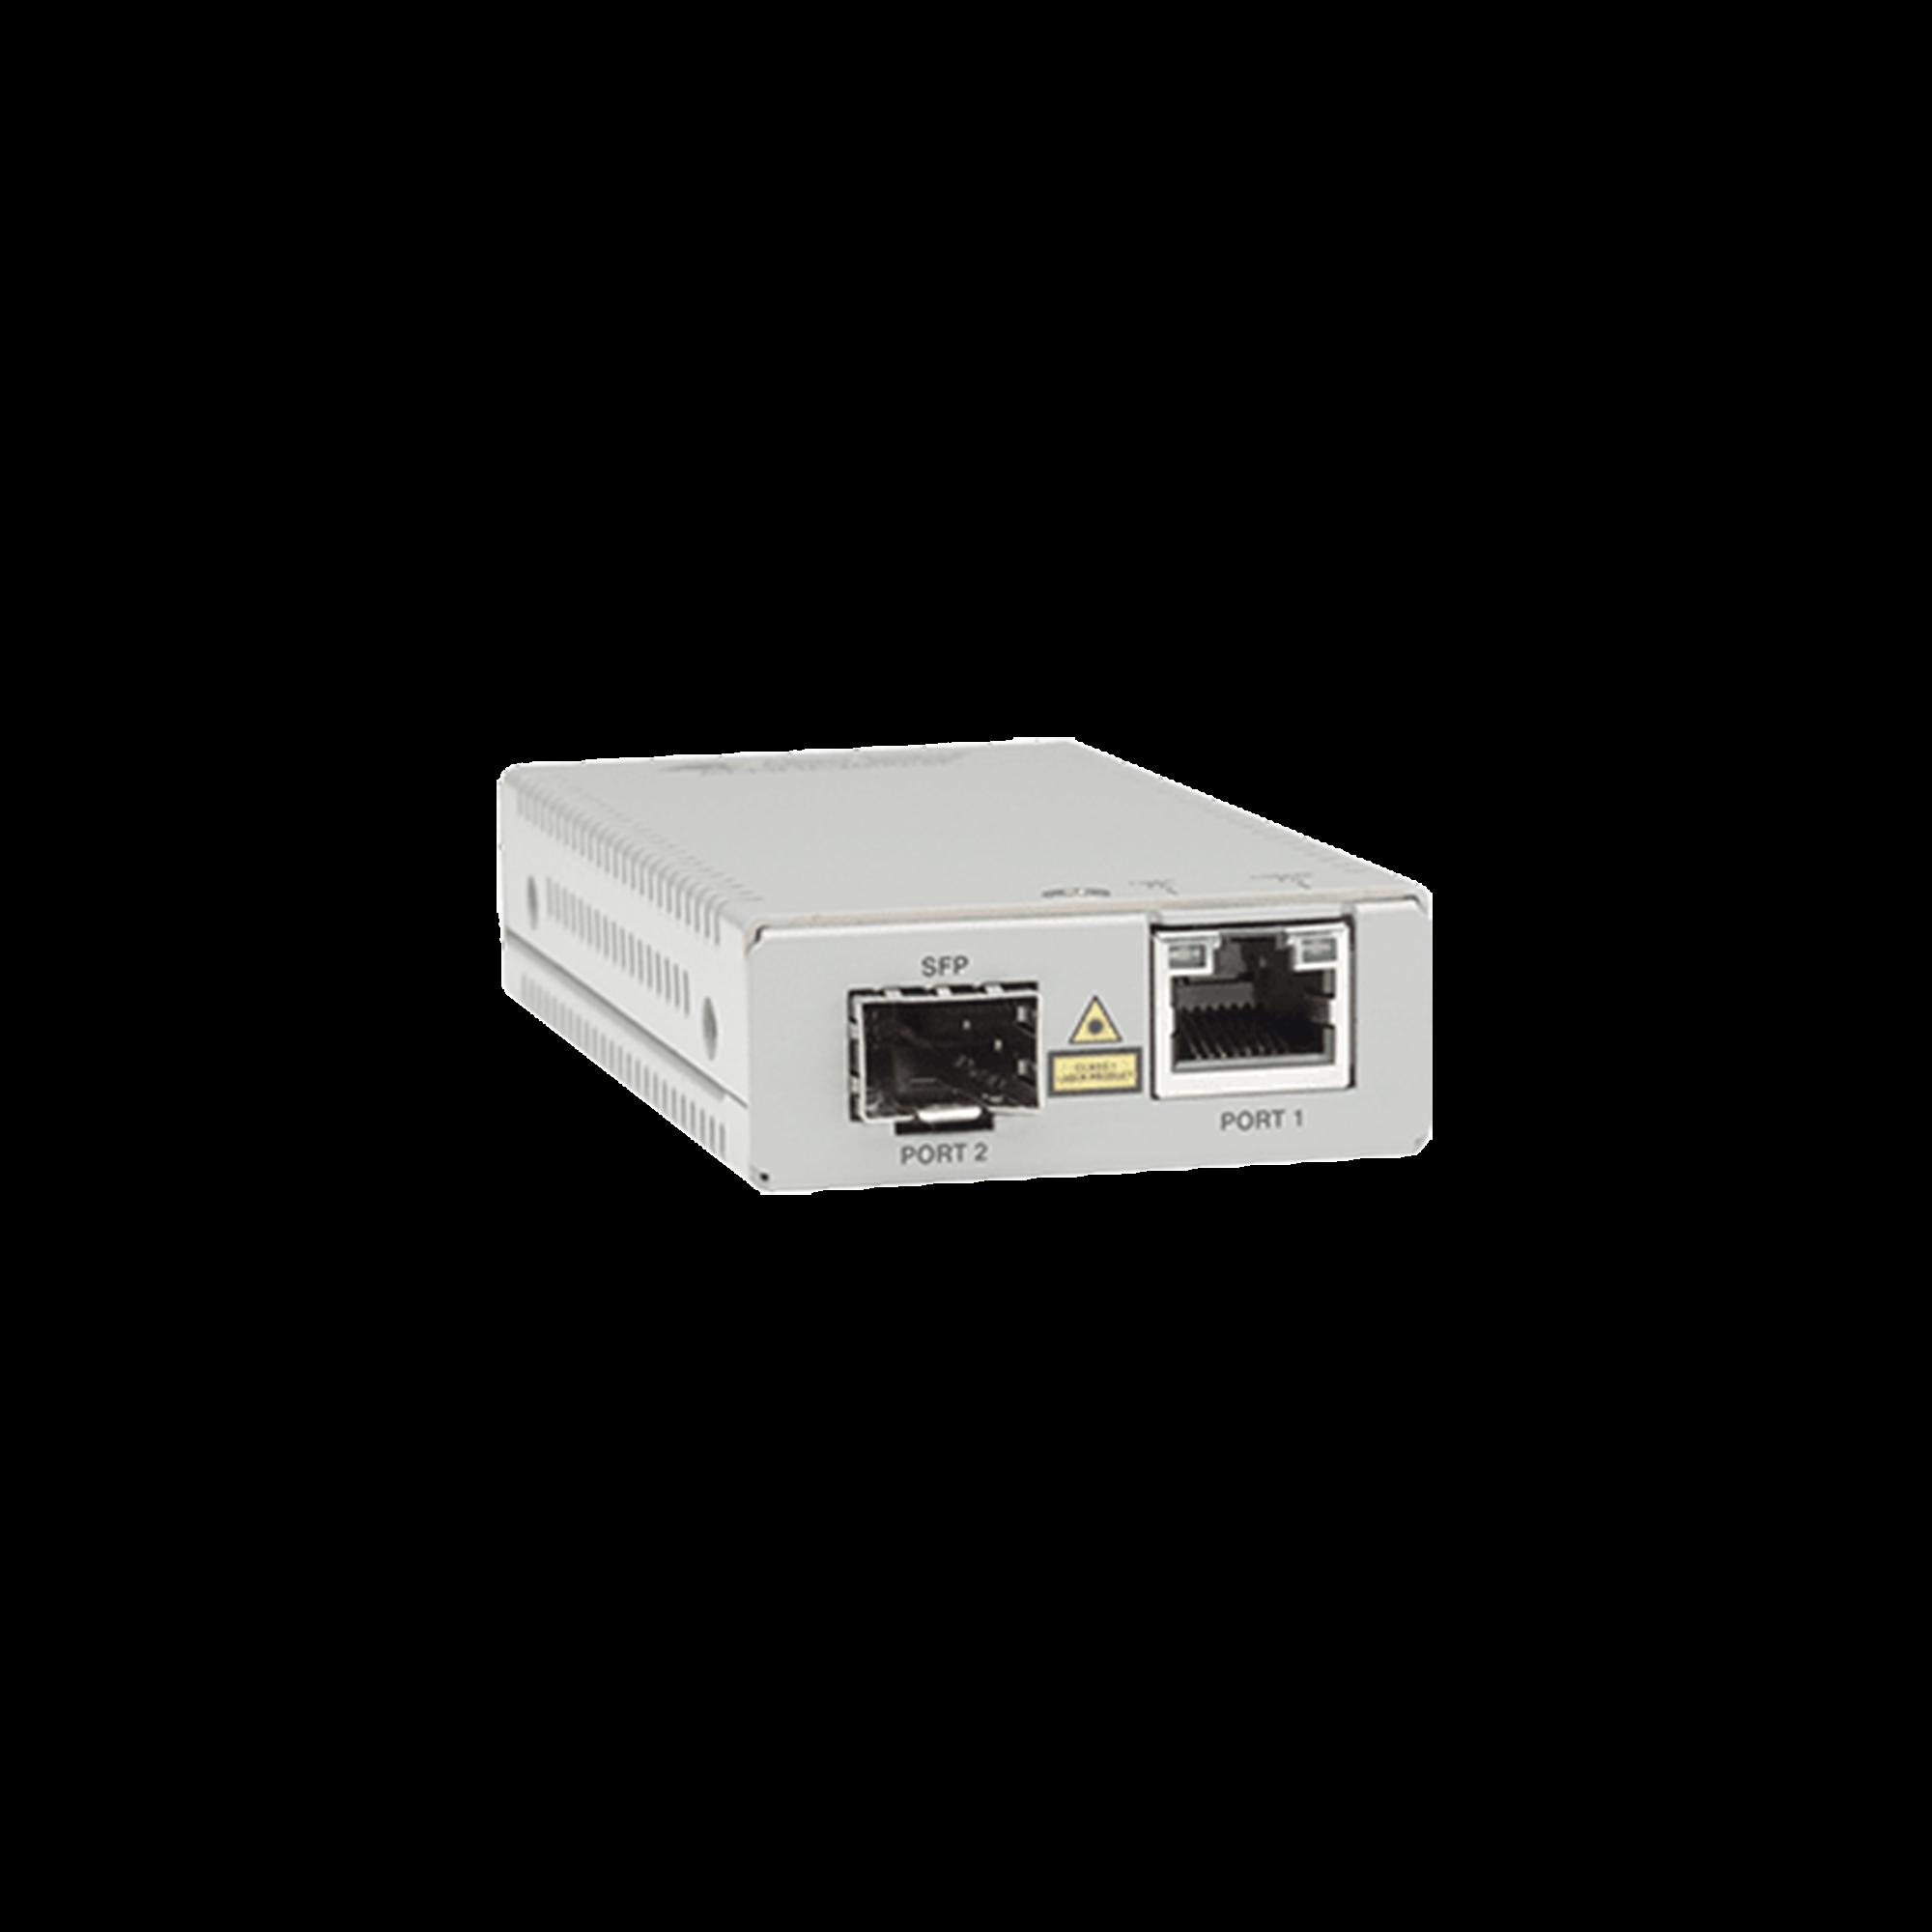 Convertidor de medios gigabit ethernet a fibra óptica con puerto SFP (la distancia y tipo de fibra óptica depende del transceptor)